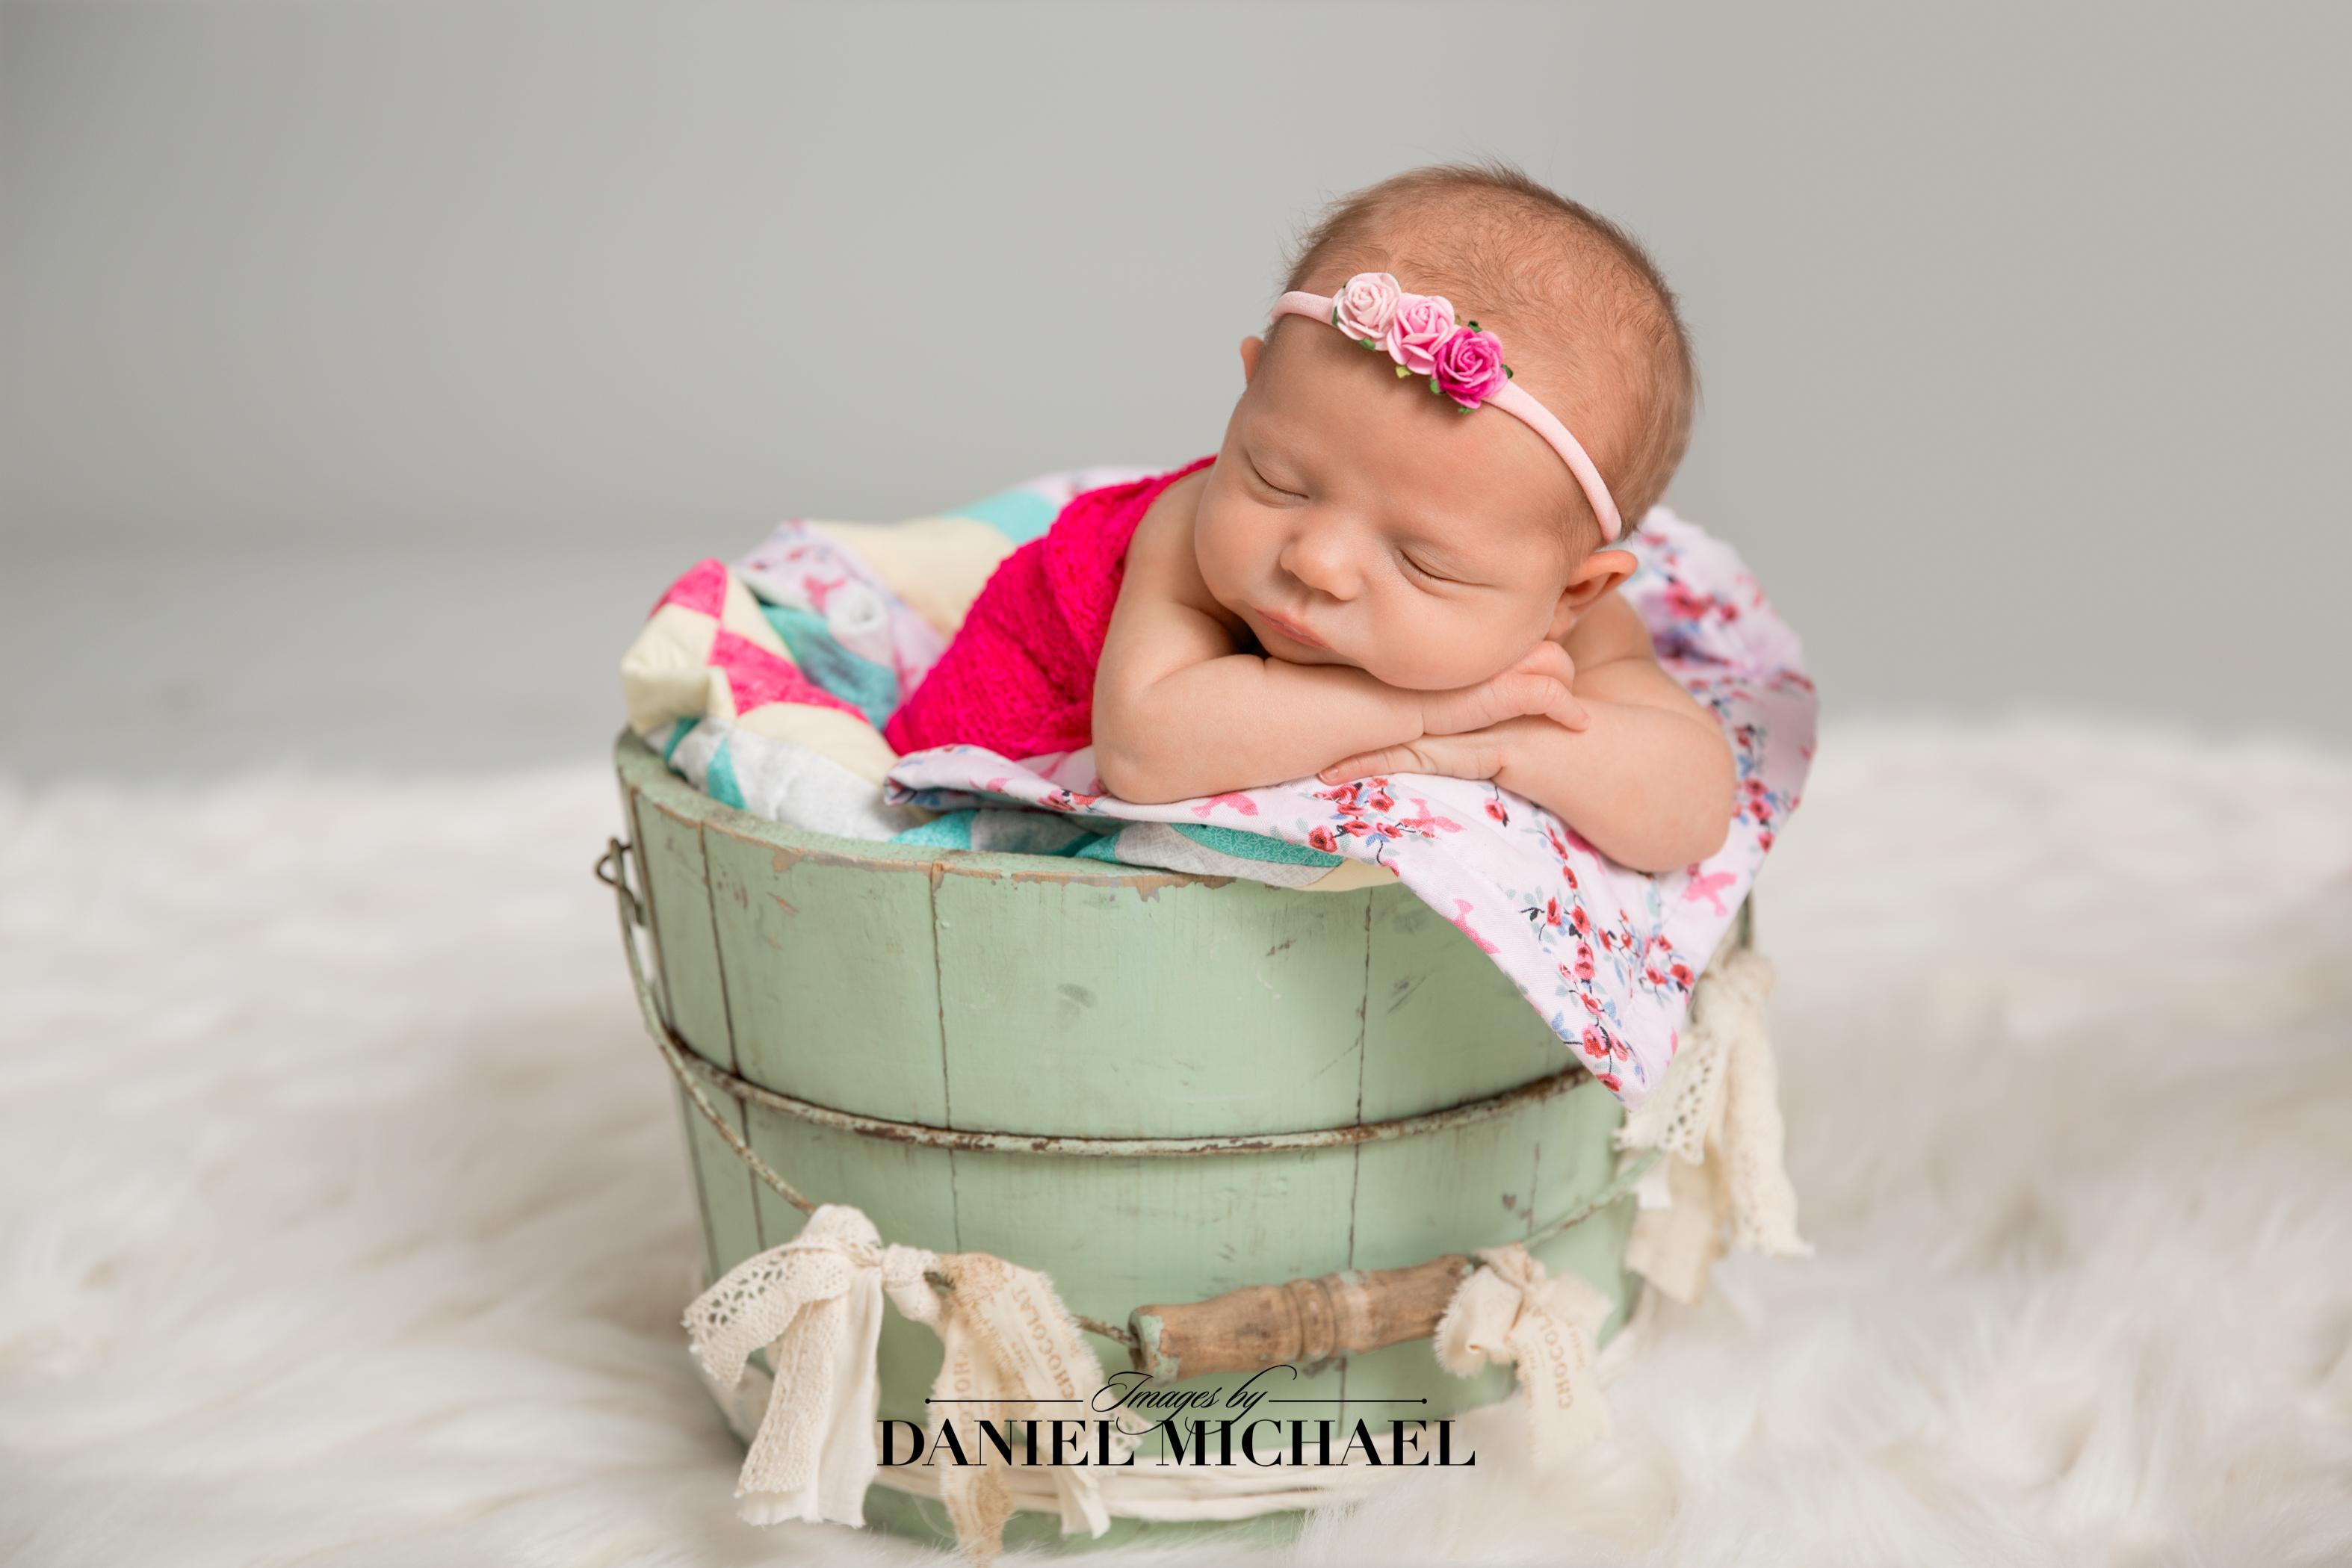 Cincinnati Family Photographer, Newborn Photographs, Cincinnati Newborn Photography, Jessica Rist